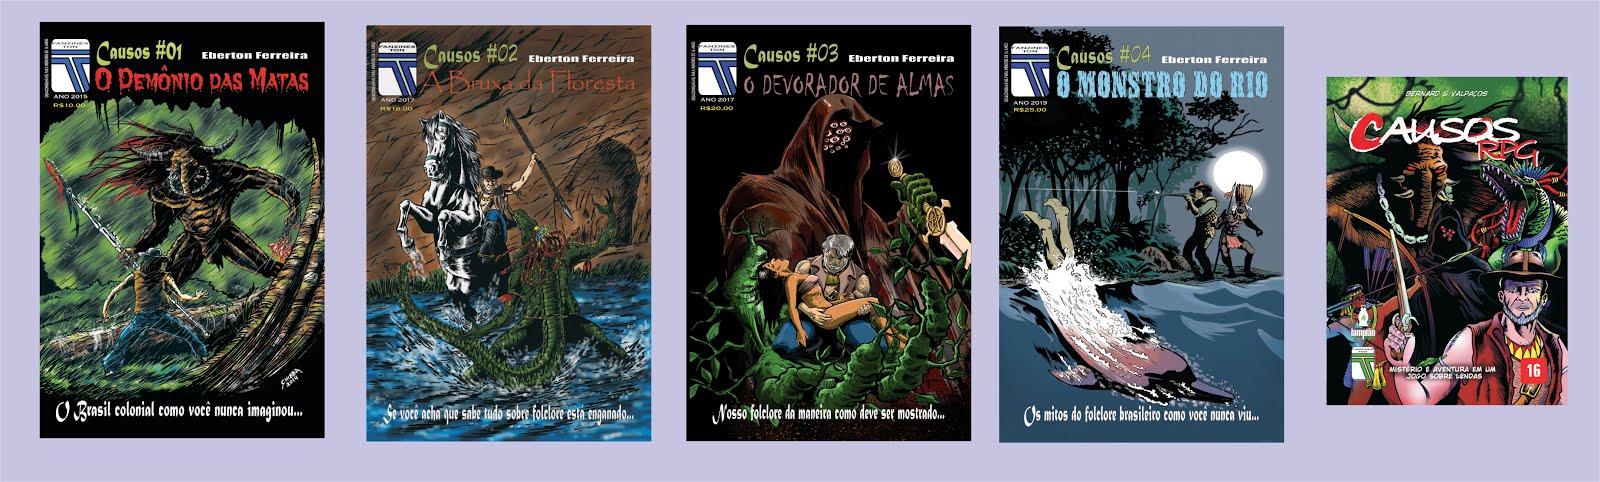 COMPRE O COMBO COM OS QUATRO VOLUMES + O RPG DA SÉRIE CAUSOS